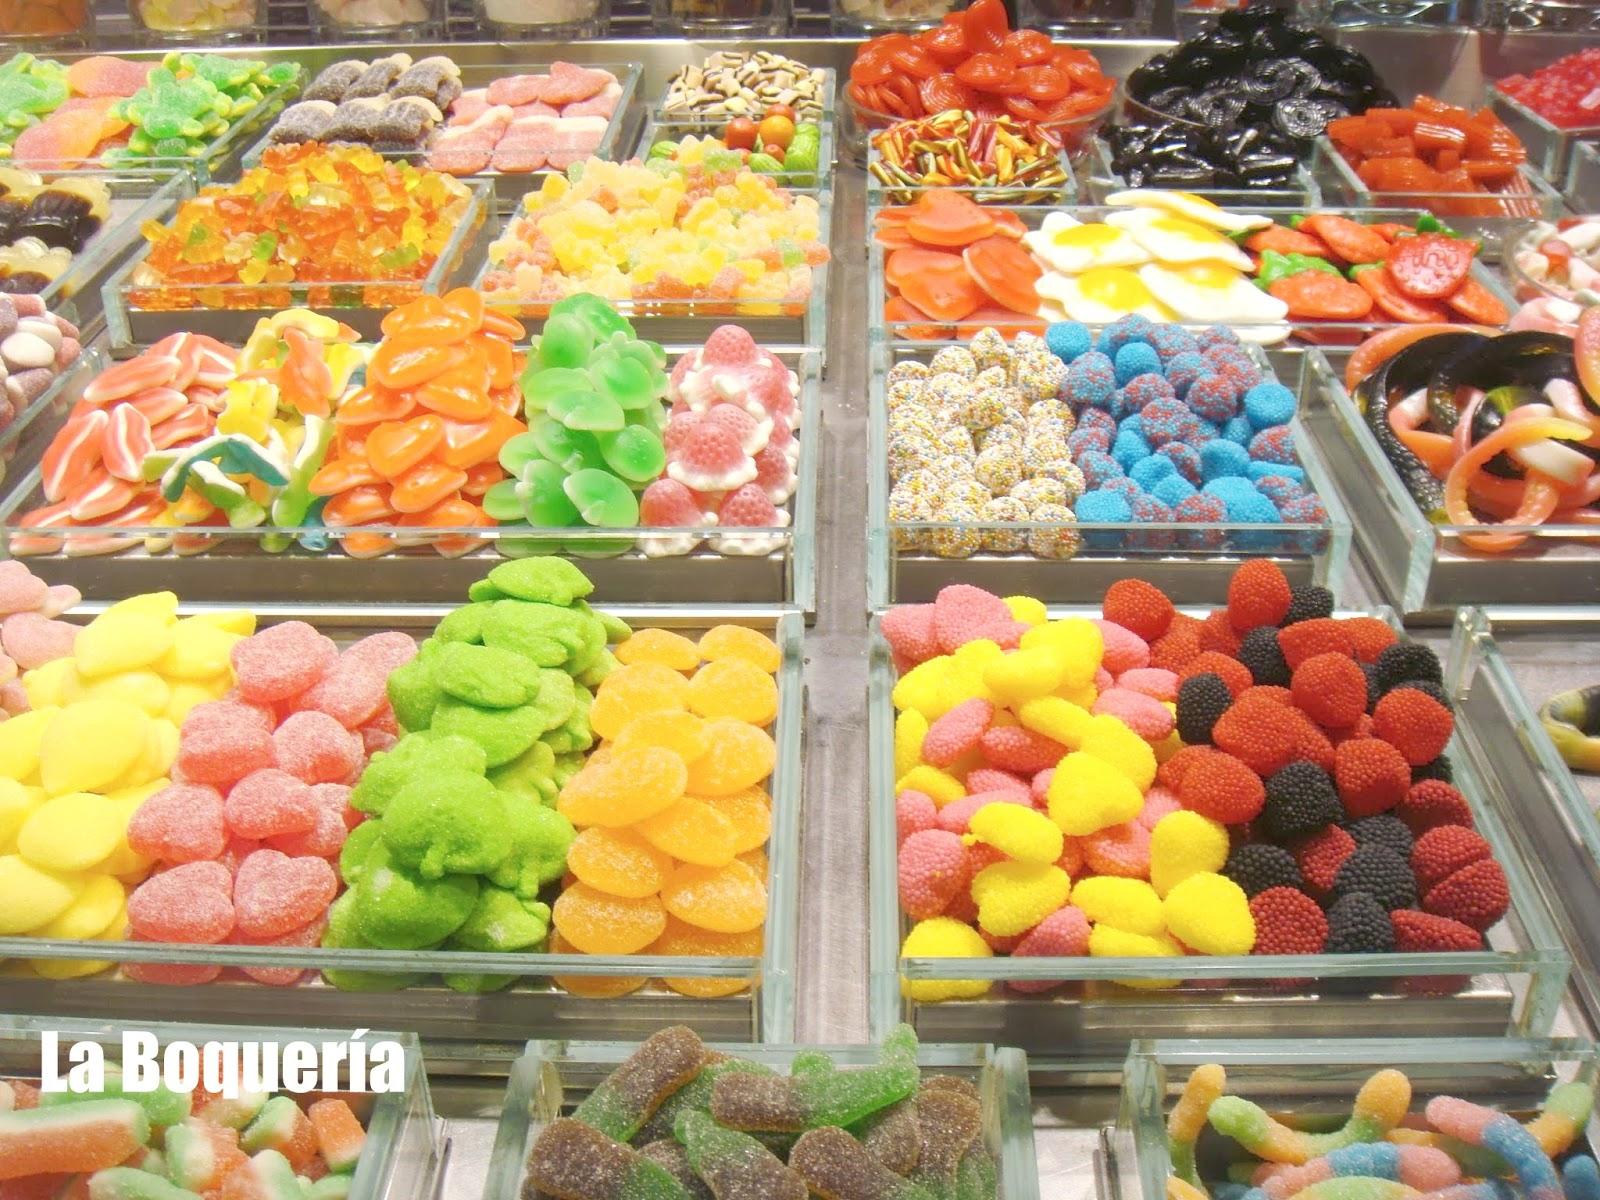 Golosinas, Mercat St Josep, Mercado de la Boquería, Barcelona, Elisa N, Blog de Viajes, Lifestyle, Travel